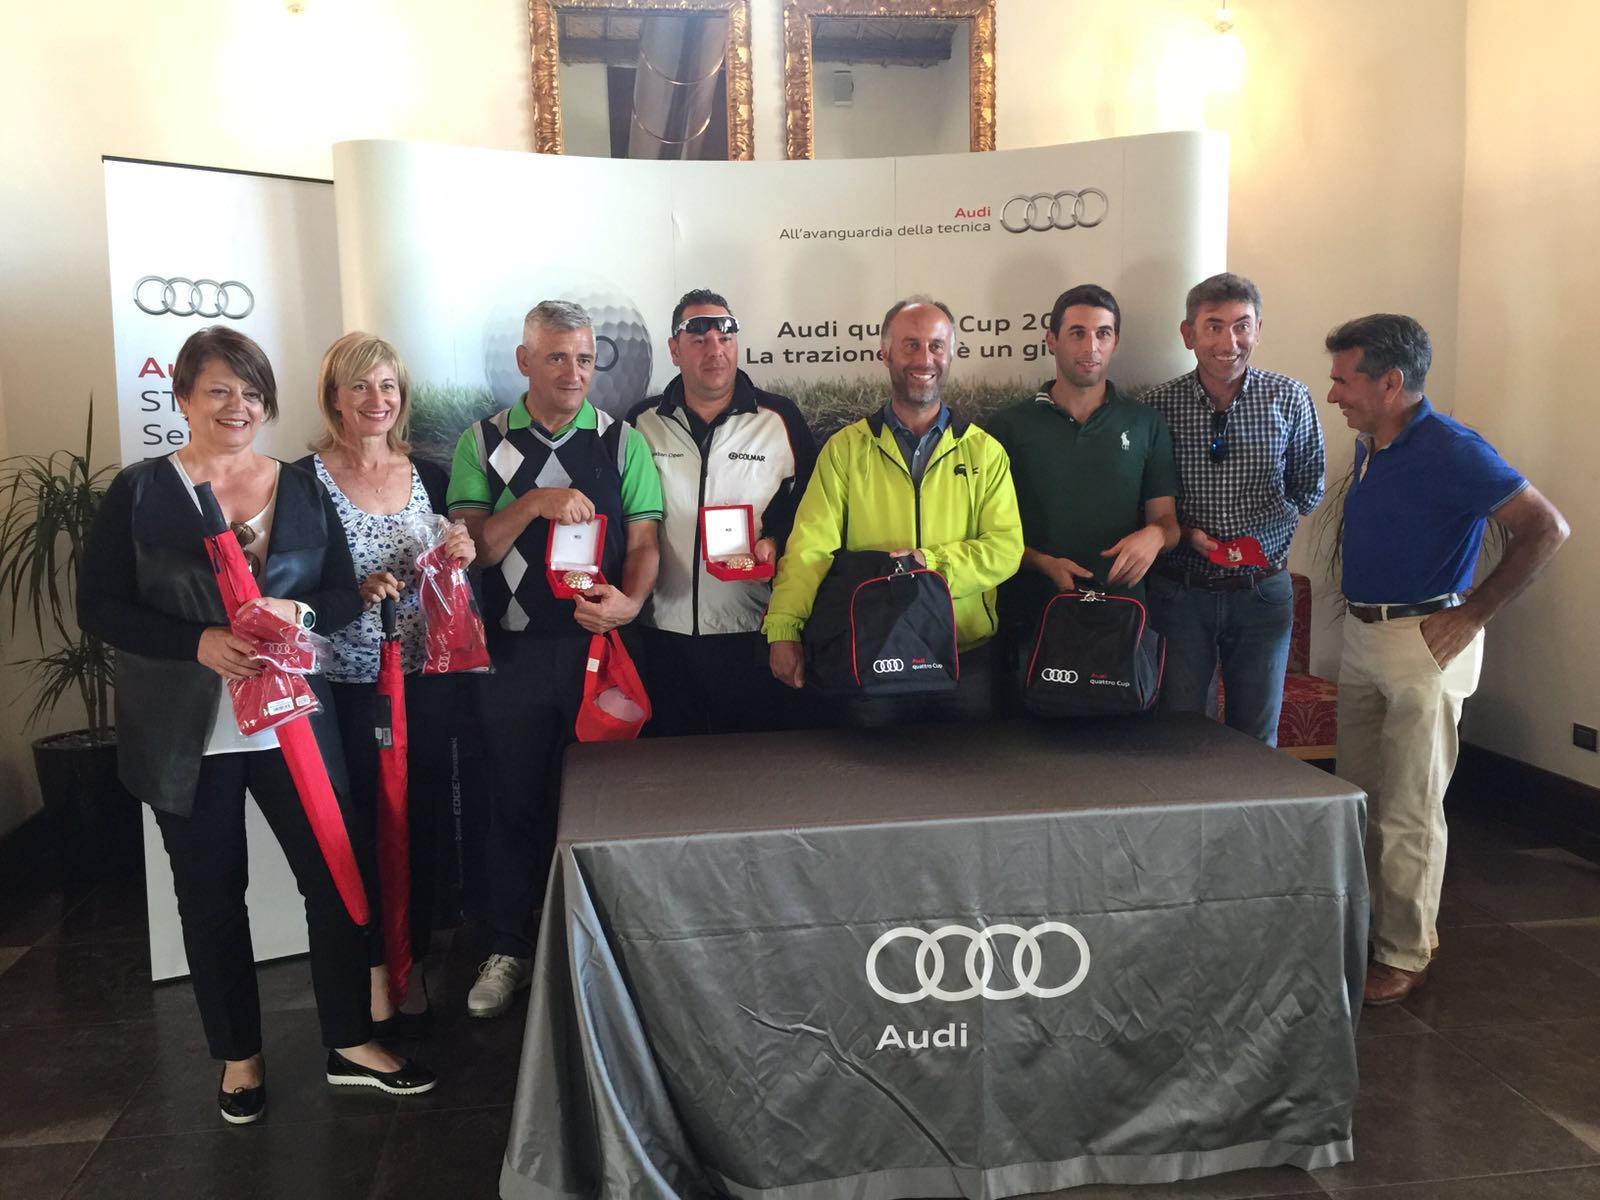 Una coppia di Palermo vince la tappa dell'Audi quattro Cup al Donnafugata Golf Resort di Ragusa